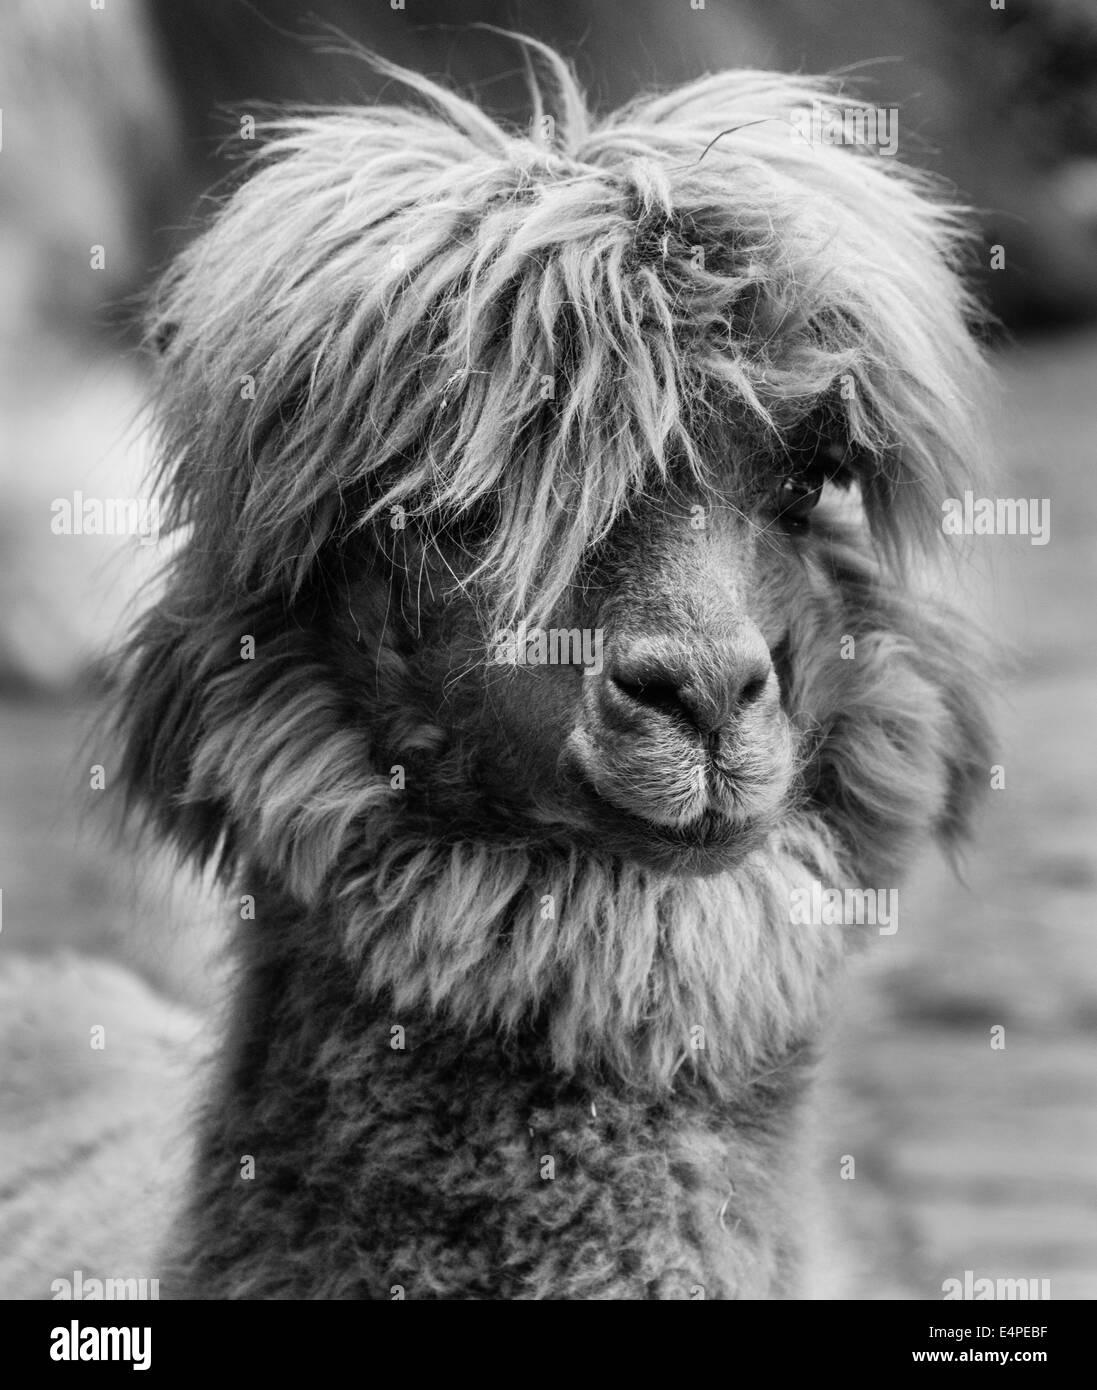 Llama lama glama animal portrait black and white